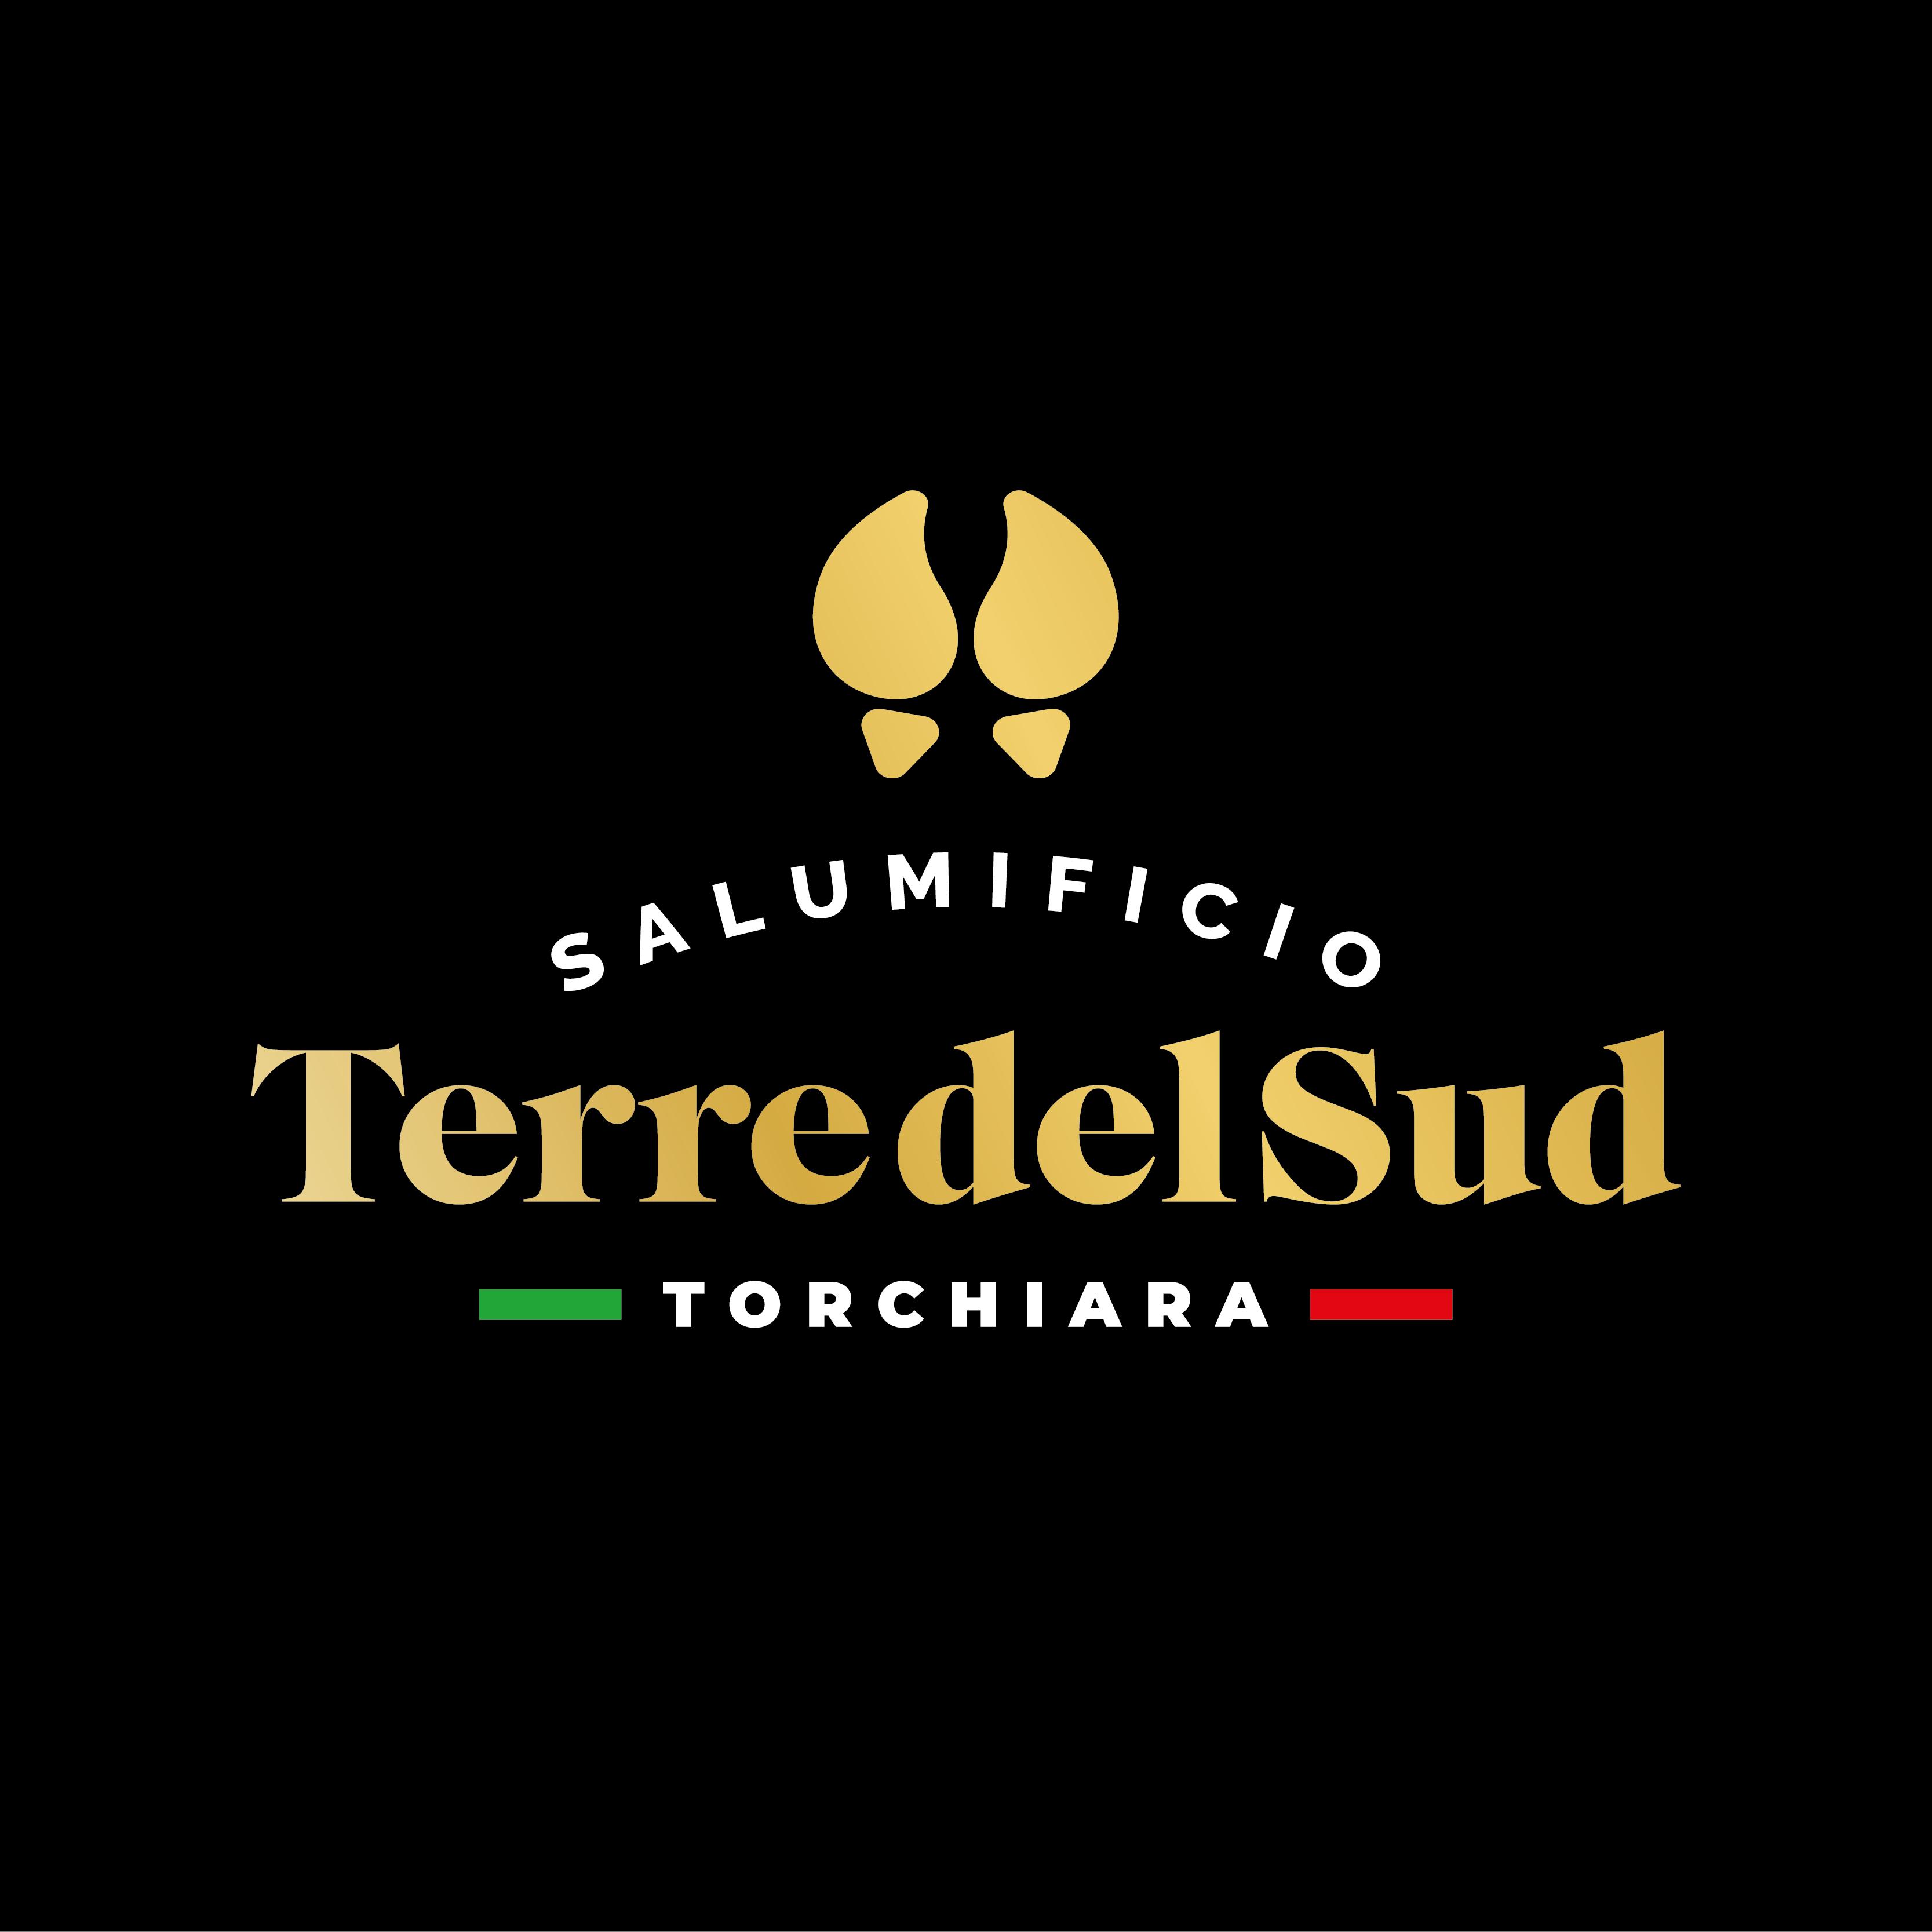 logo-terre-del-sud_Tavola-disegno-1